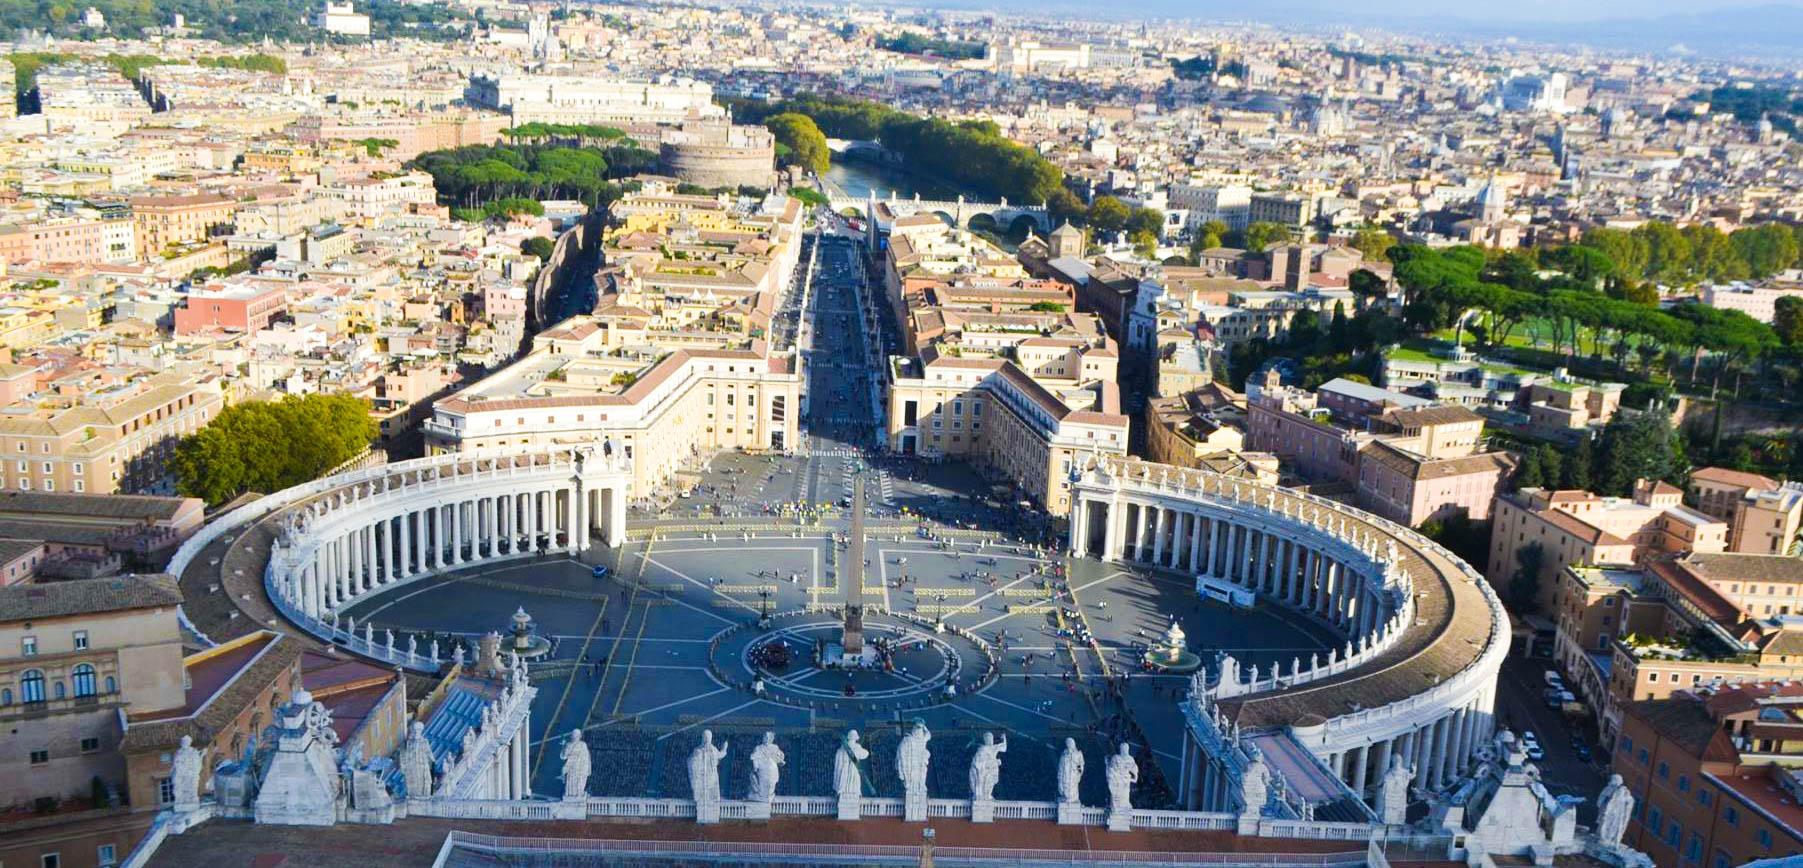 Piața Sfantul Petru din Roma - vedere de sus, din cupola Bazilicii Sfantul Petru de la Vatican